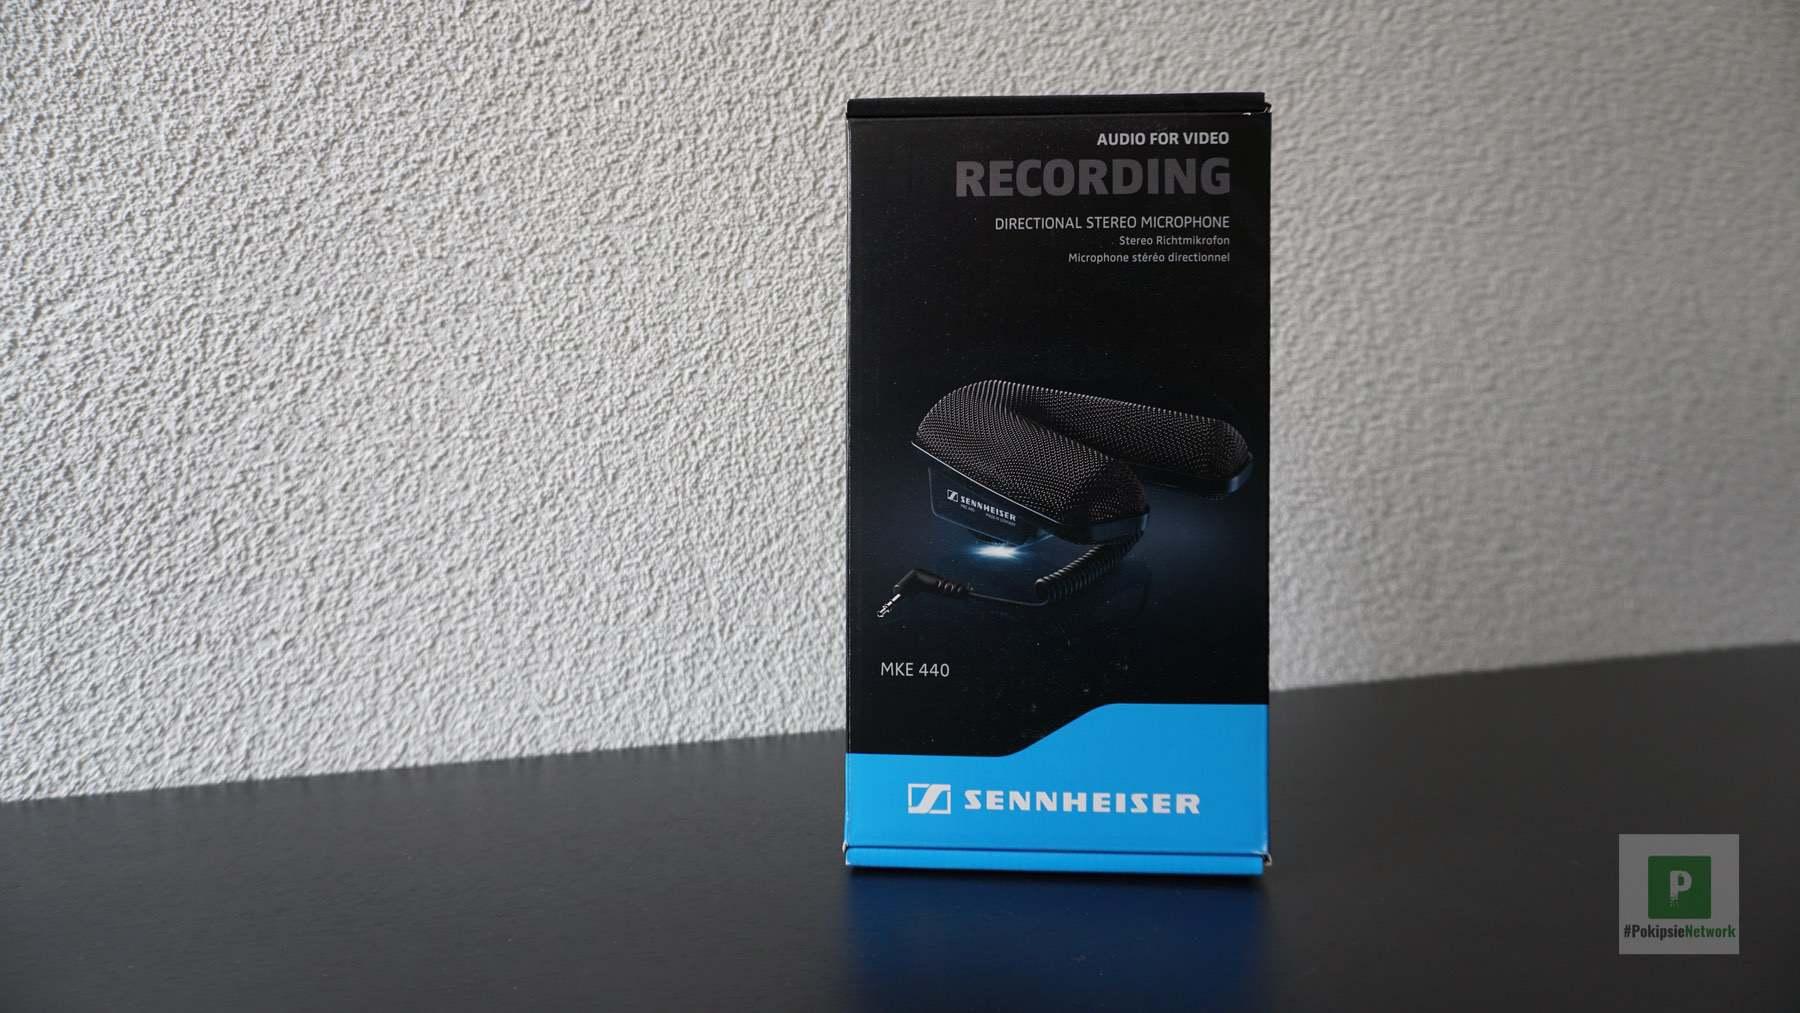 Stereomikrofon für die Kamera